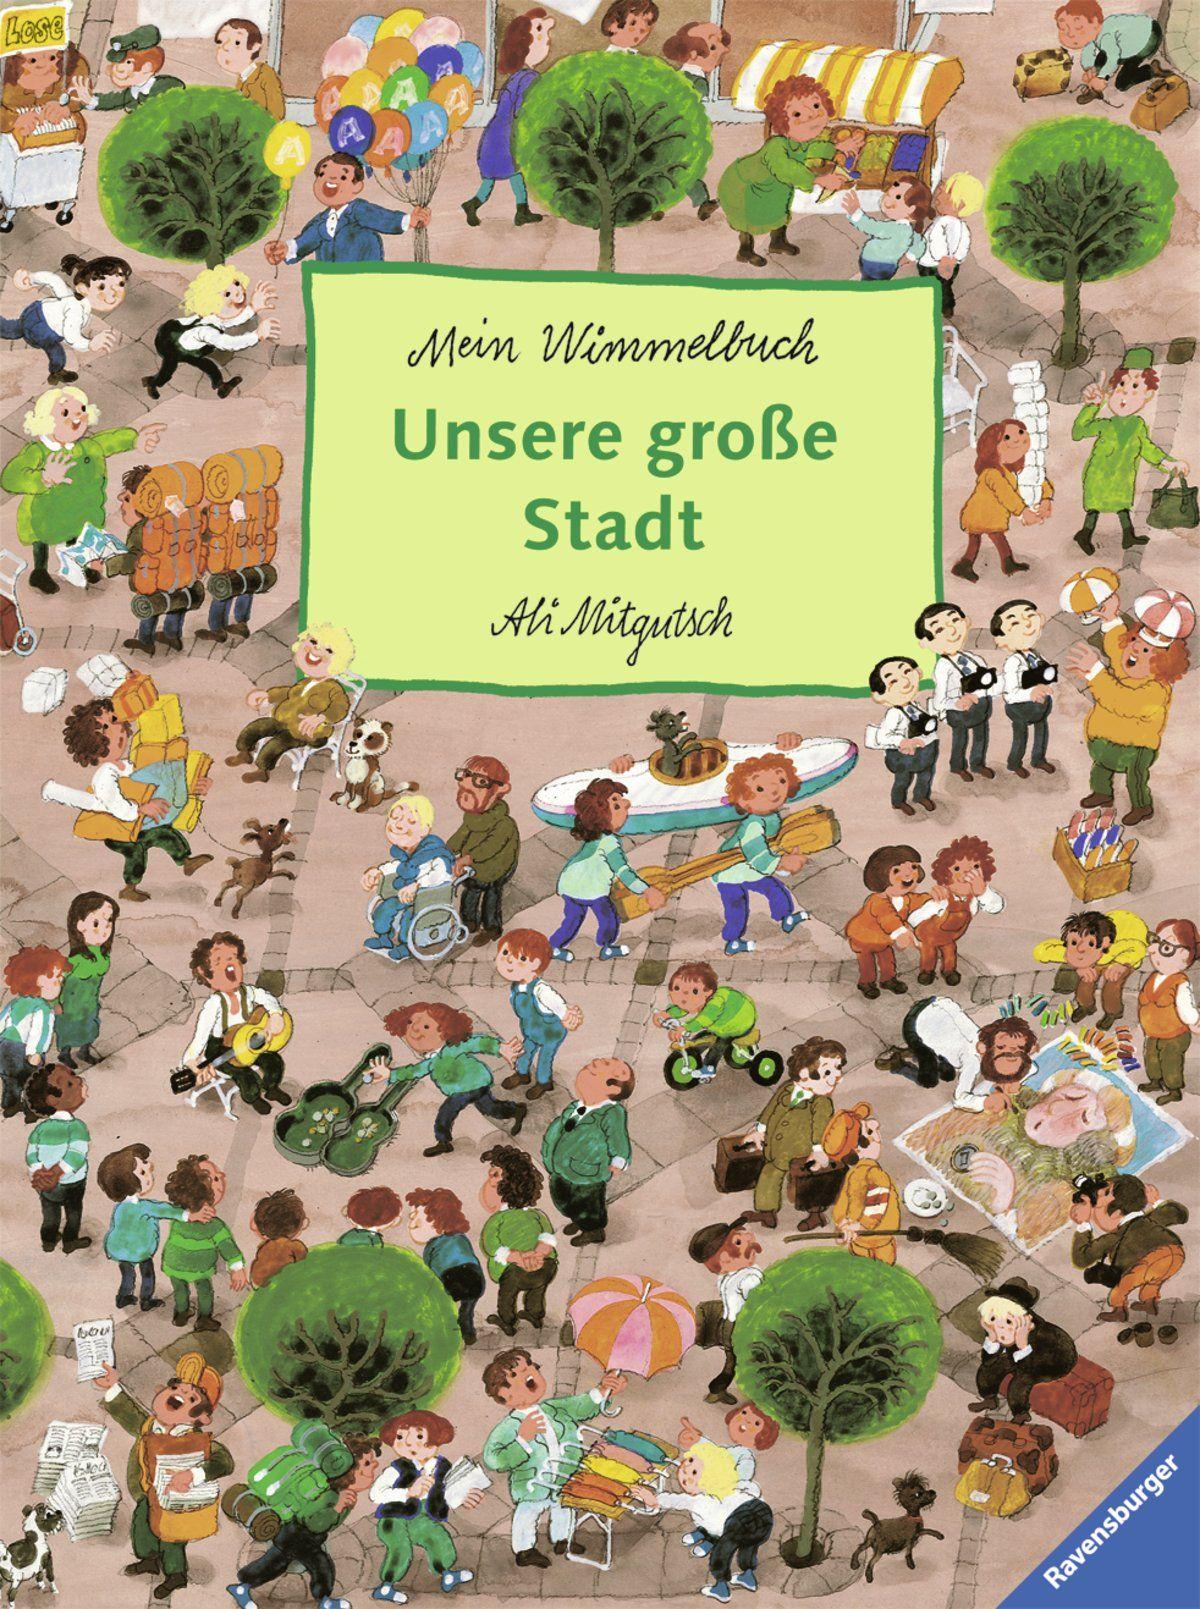 Unsere Gro�e Stadt: Mein Wimmelbuch, Ali Mitgutsch